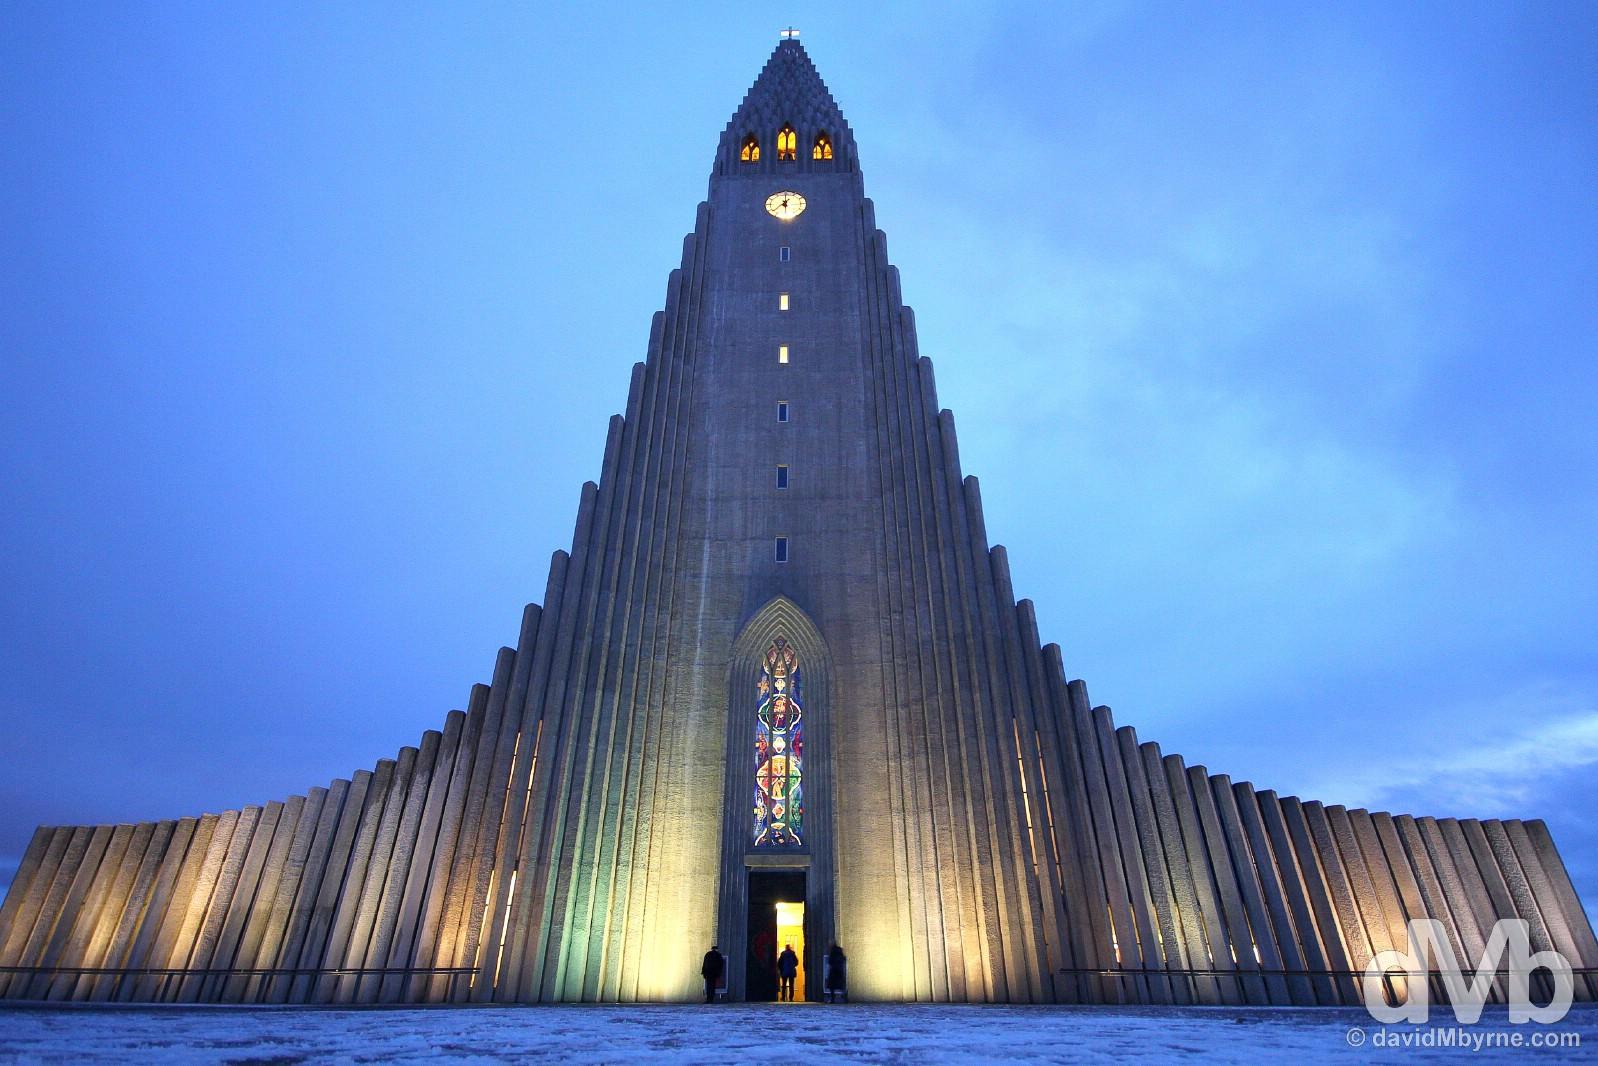 Hallgrímskirkja (Lutheran church), Reykjavik, Iceland. December 2, 2012.